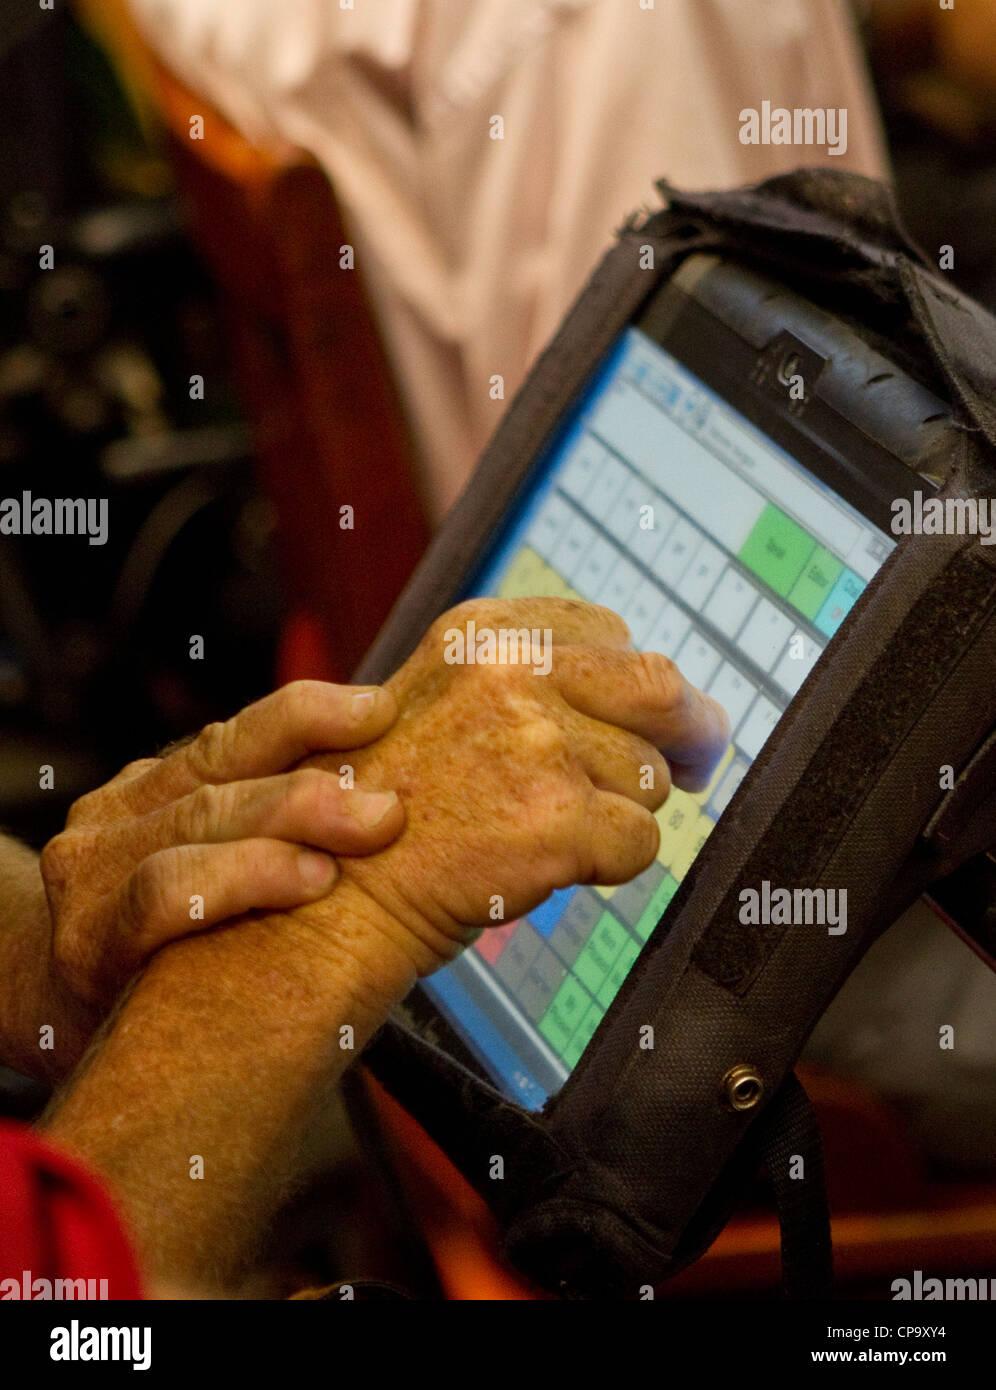 Discapacitados físicamente el hombre utiliza teclado especial en su silla de ruedas para comunicarse Imagen De Stock